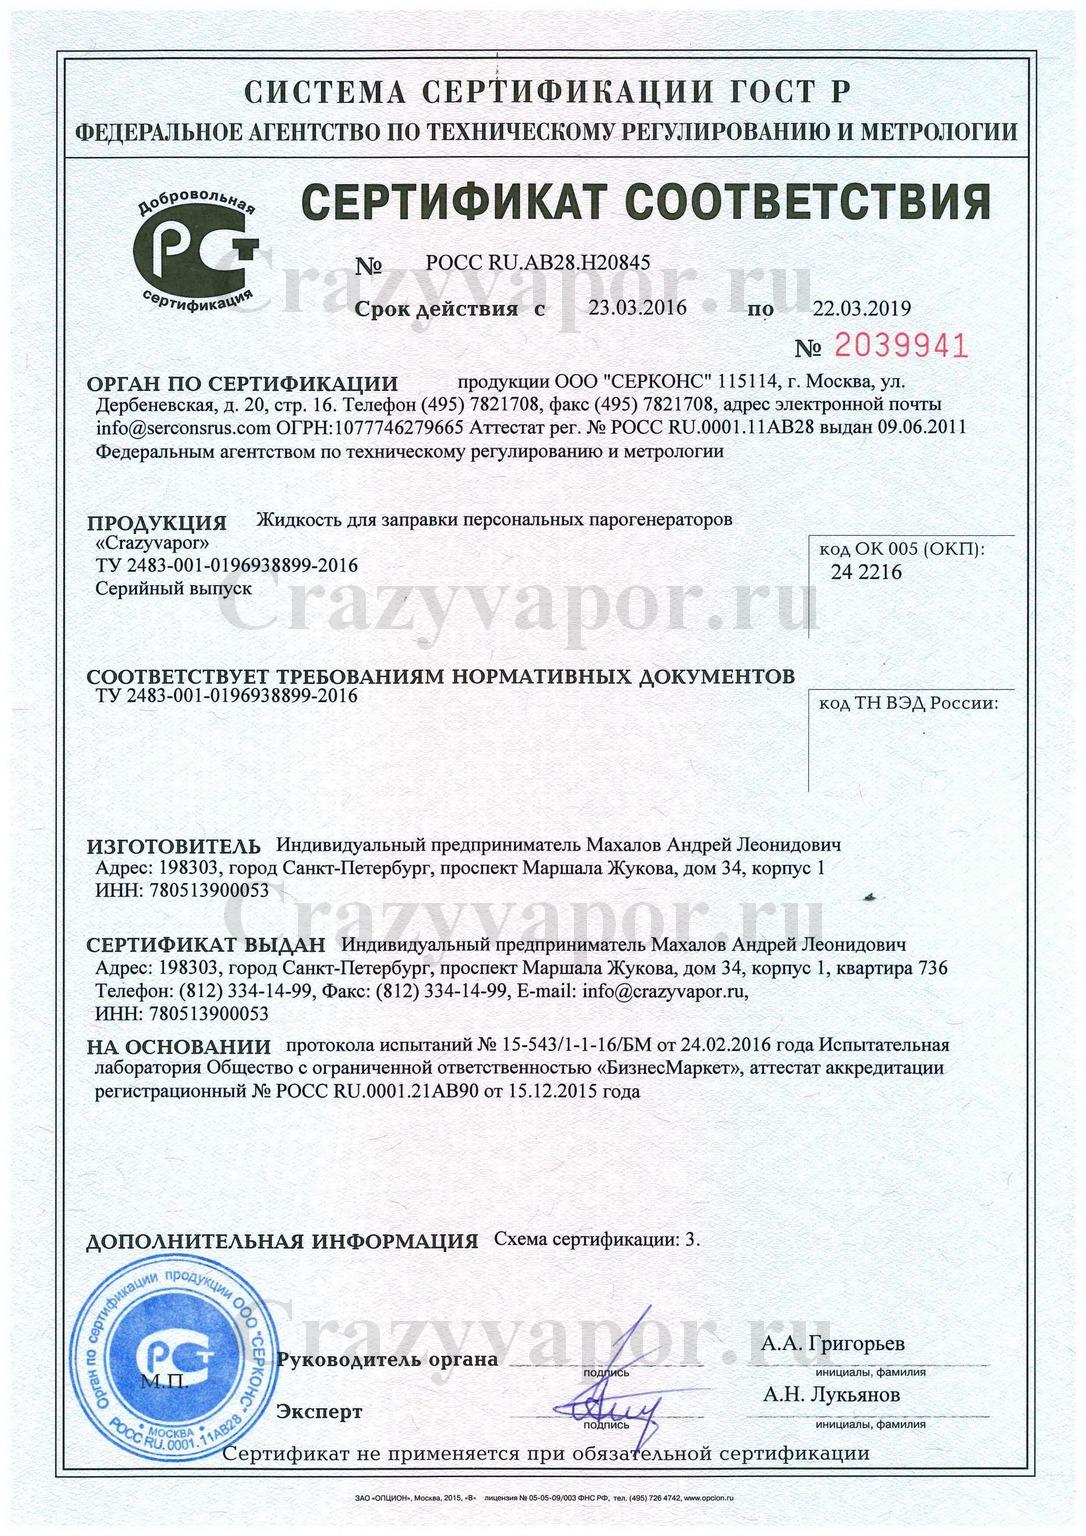 Сертификация электронных изделий для постановление 60 сертификация